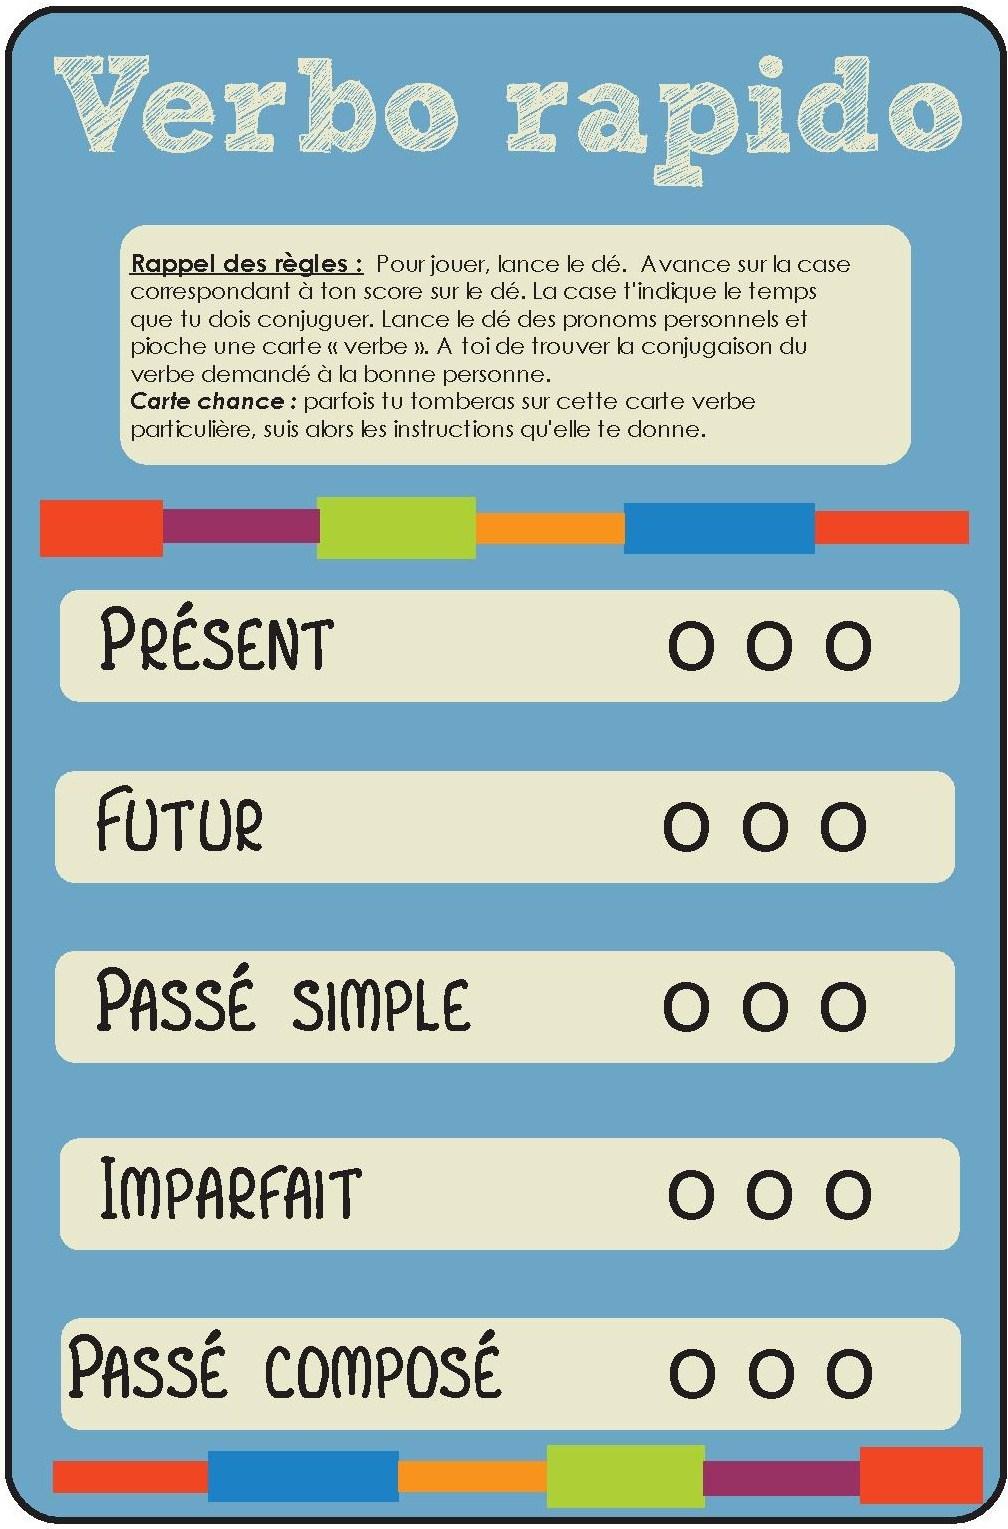 021 Essayer Conjugation French Score Essay Breathtaking Future Verb Past Full